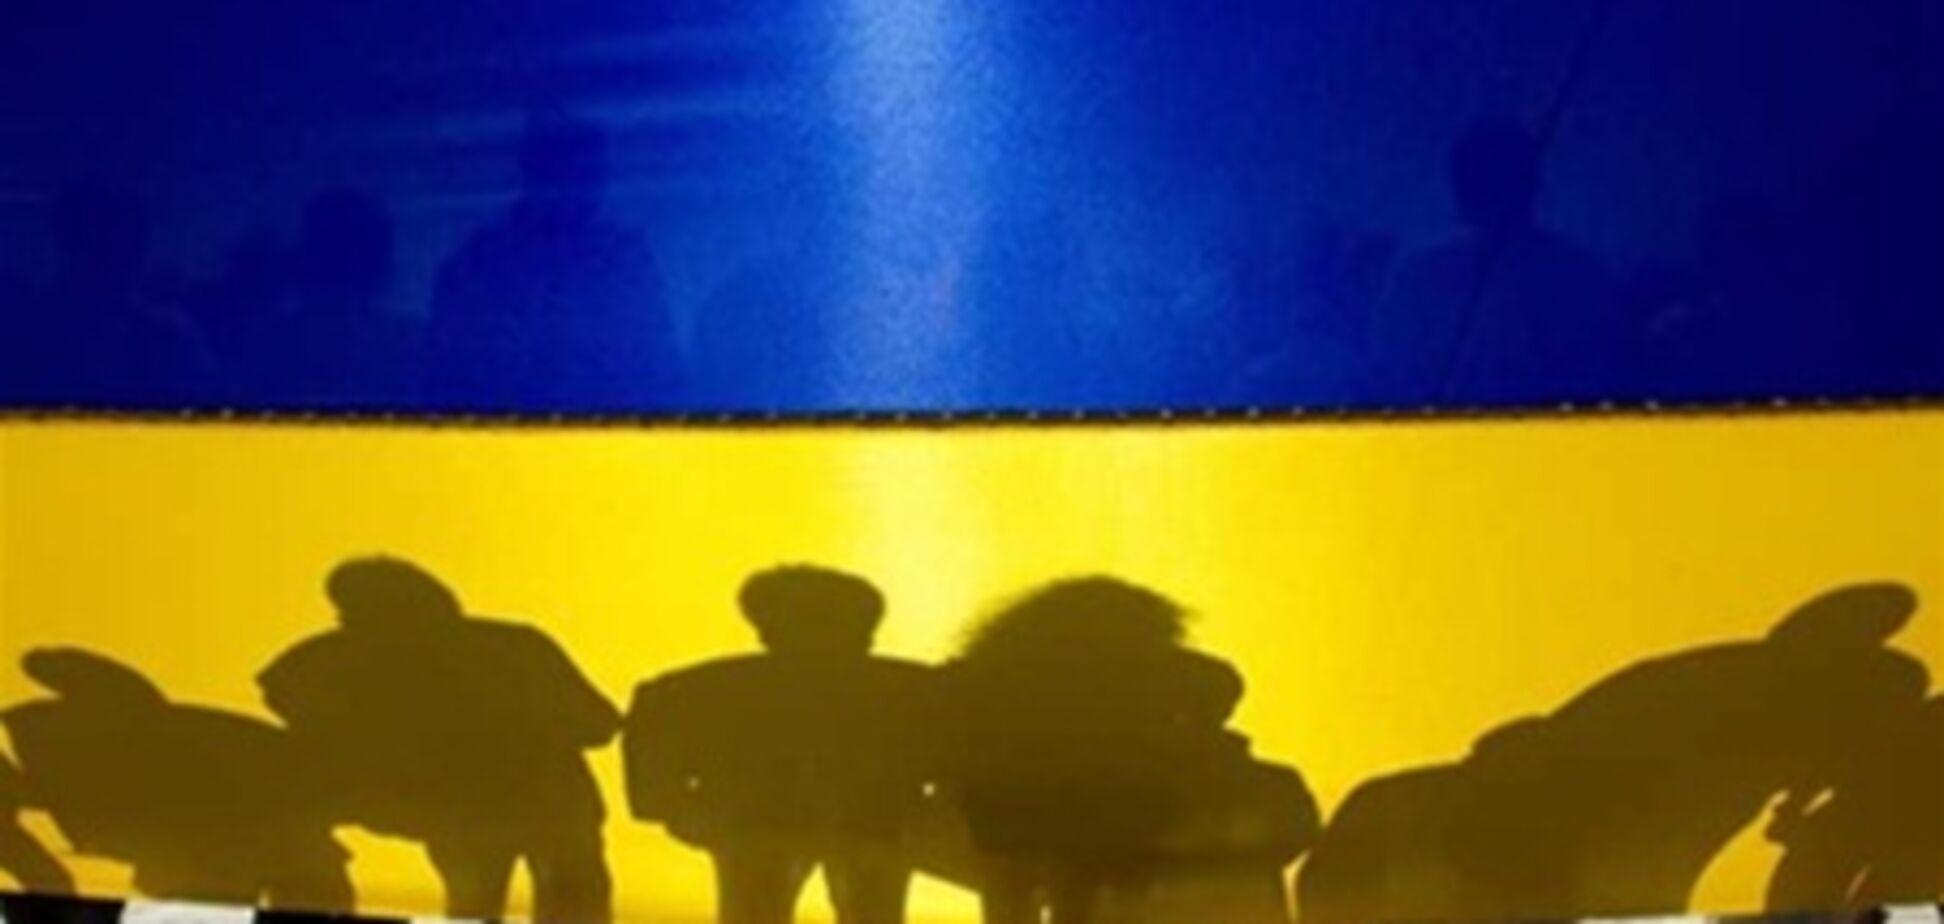 Українцям бажають виїхати подалі або влаштувати революцію